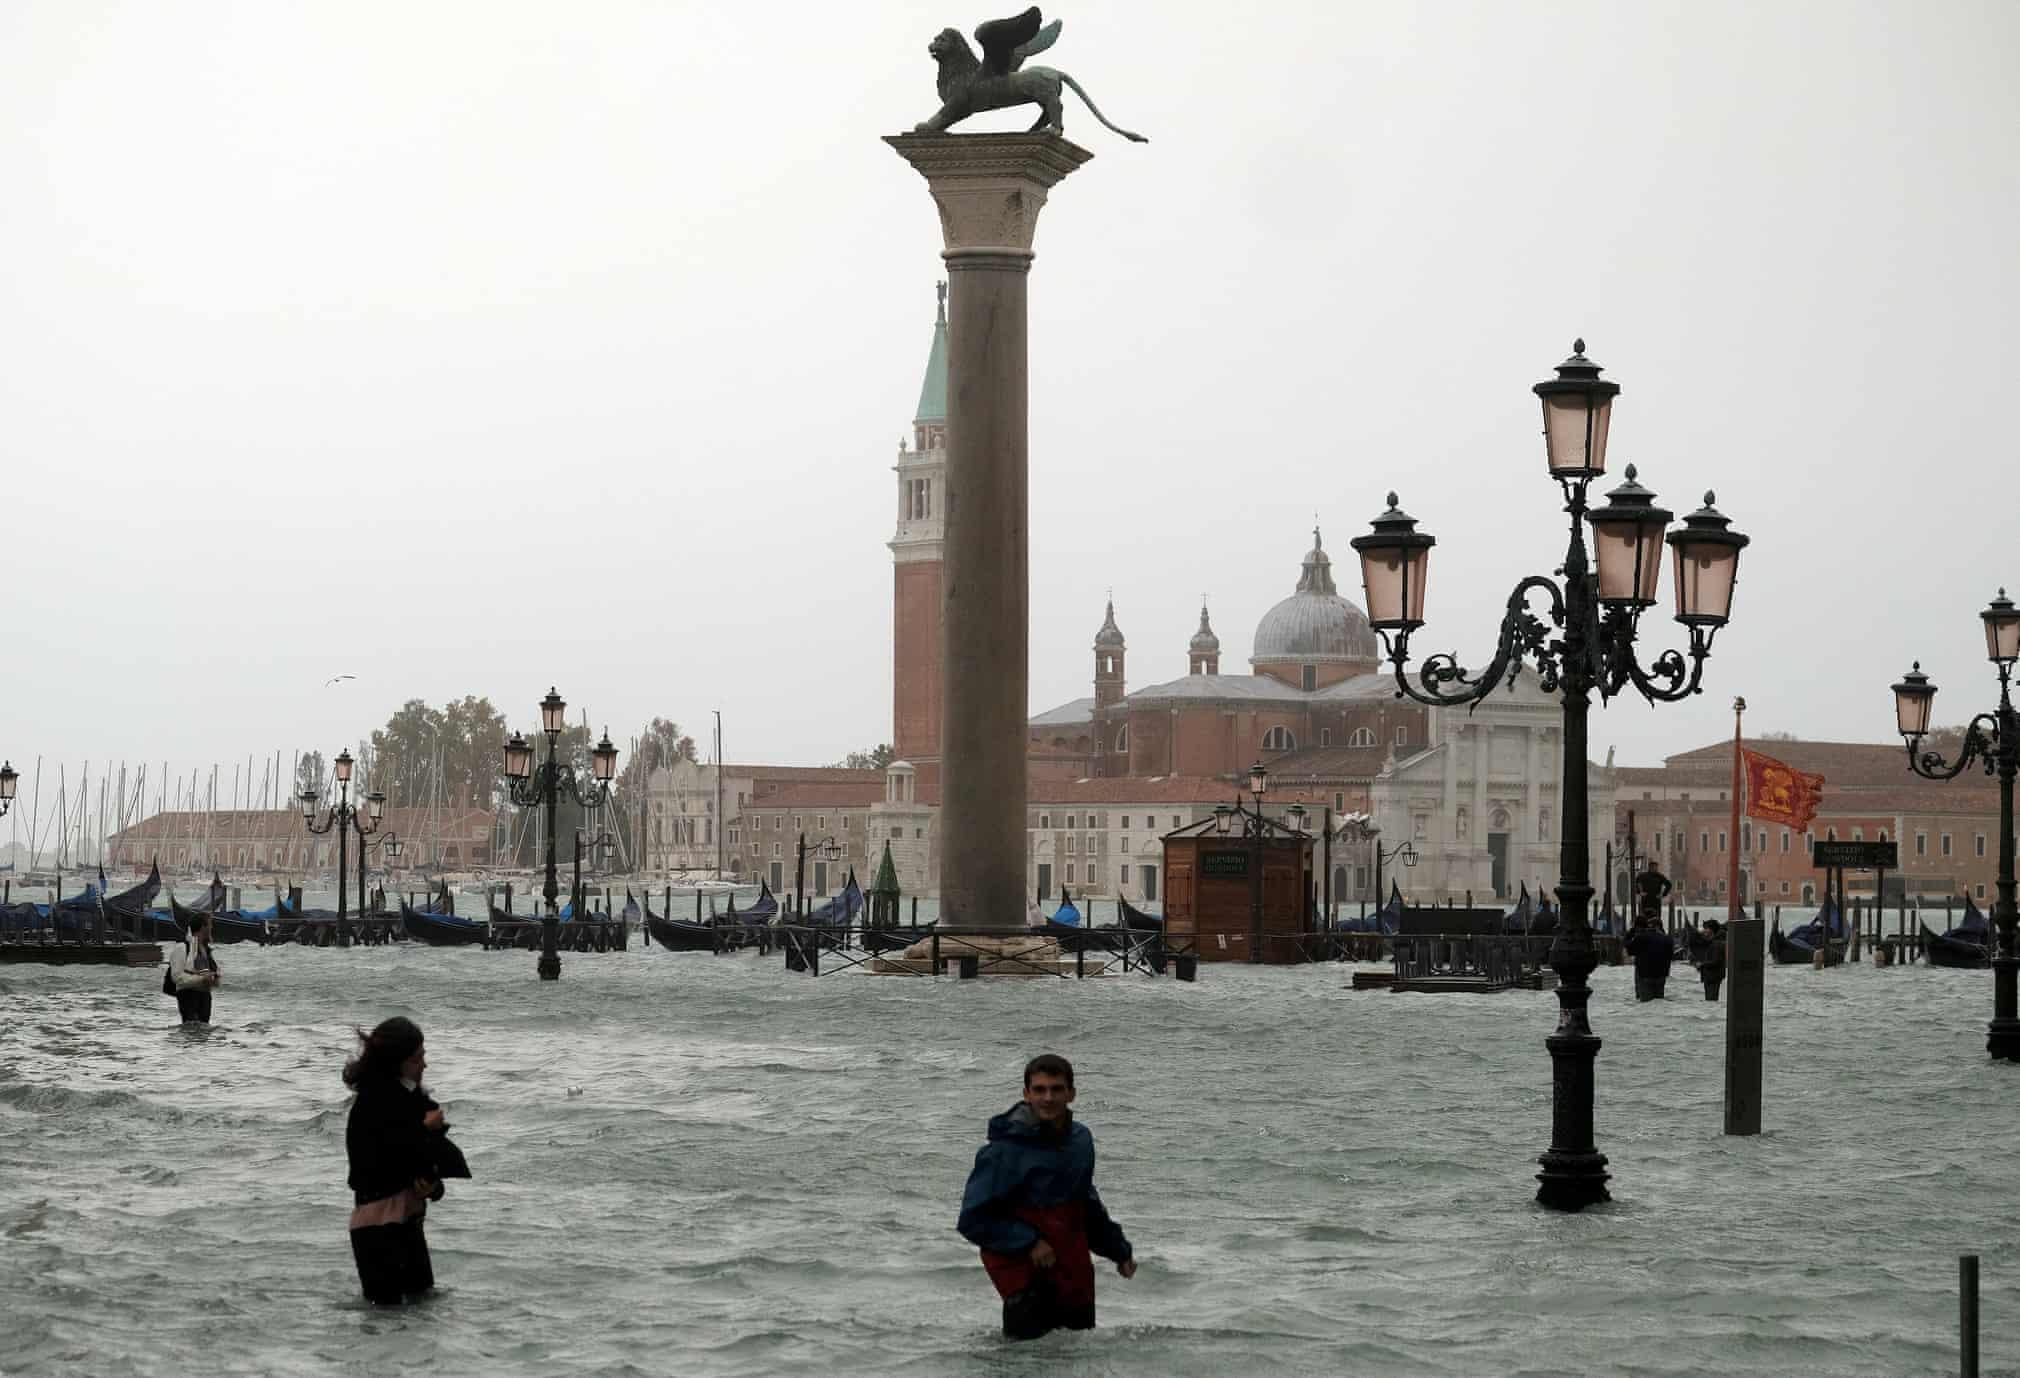 Неужели Венеция медленно уходит под воду? Смотрите новые фото